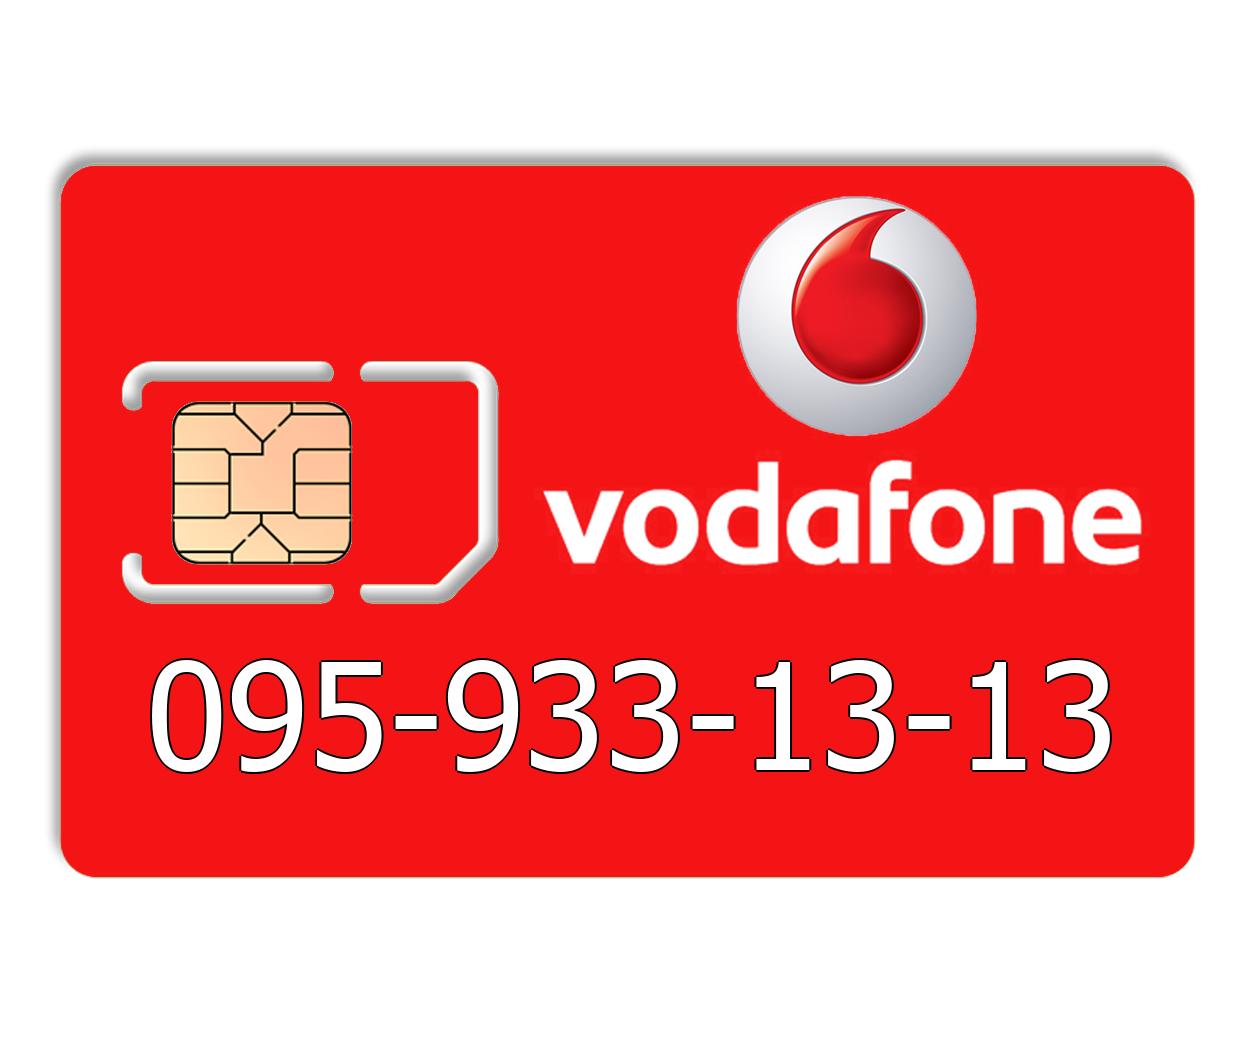 Красивый номер Vodafone 095-933-13-13